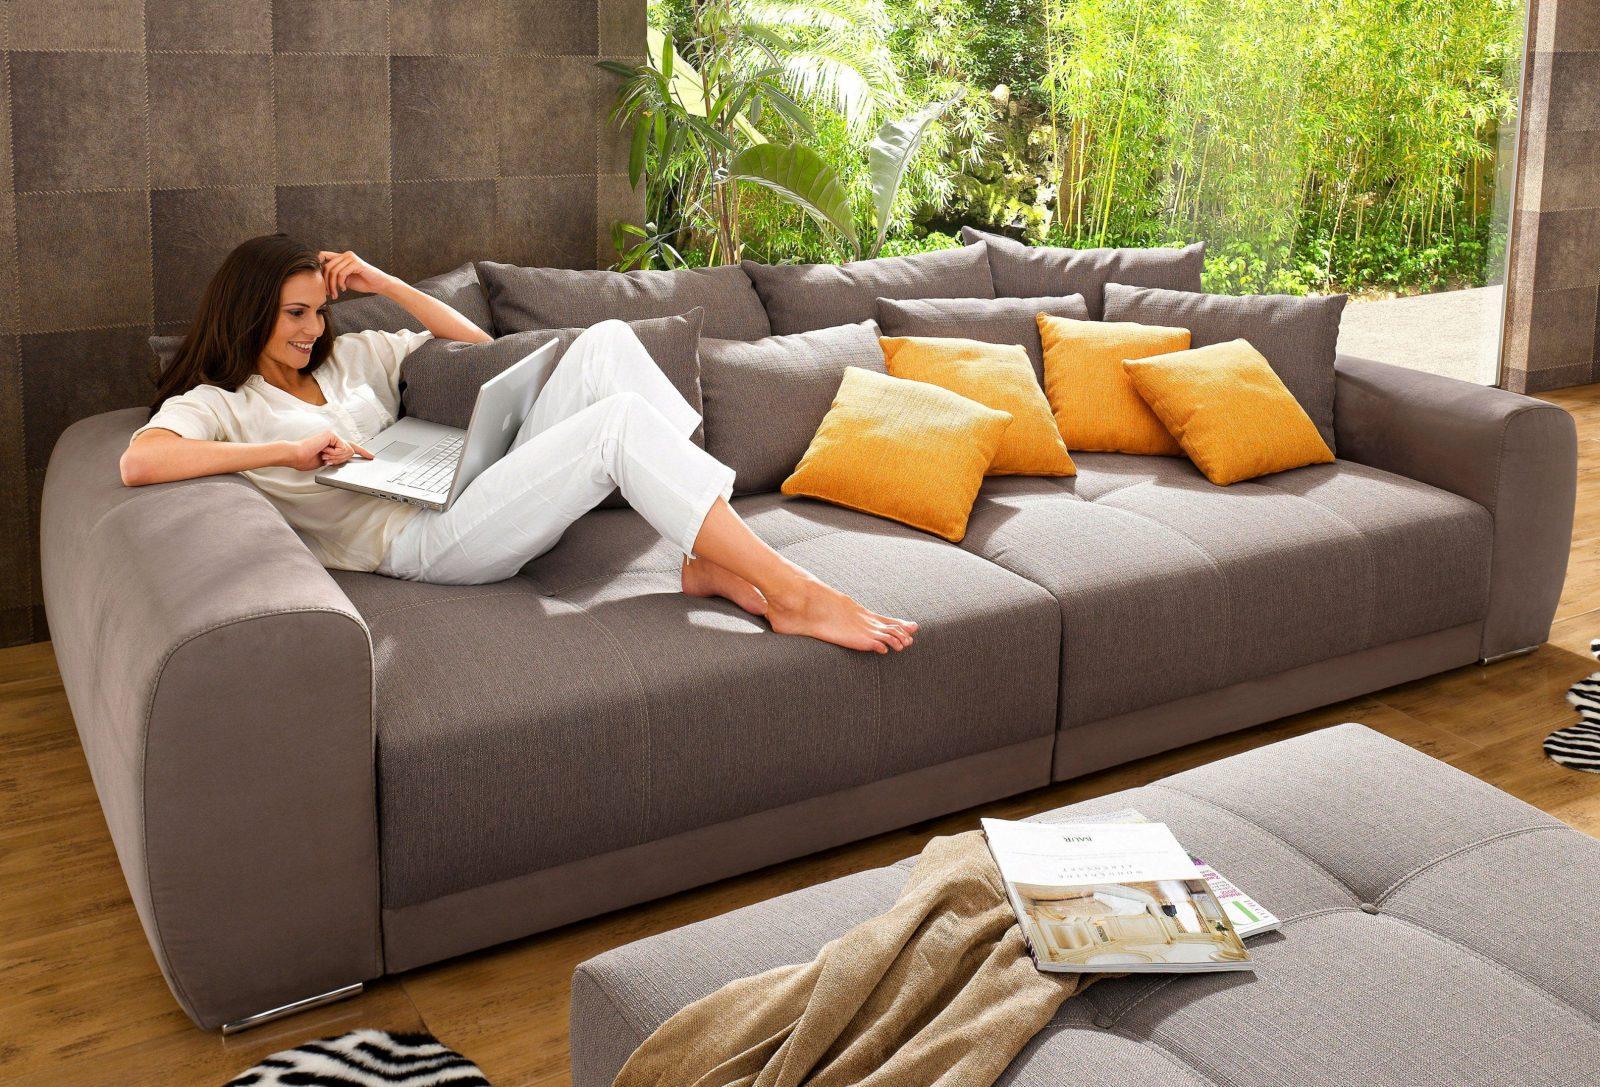 perfekt xxl big sofa couch g nstig auf rechnung raten kaufen zum von big sofa auf rechnung. Black Bedroom Furniture Sets. Home Design Ideas